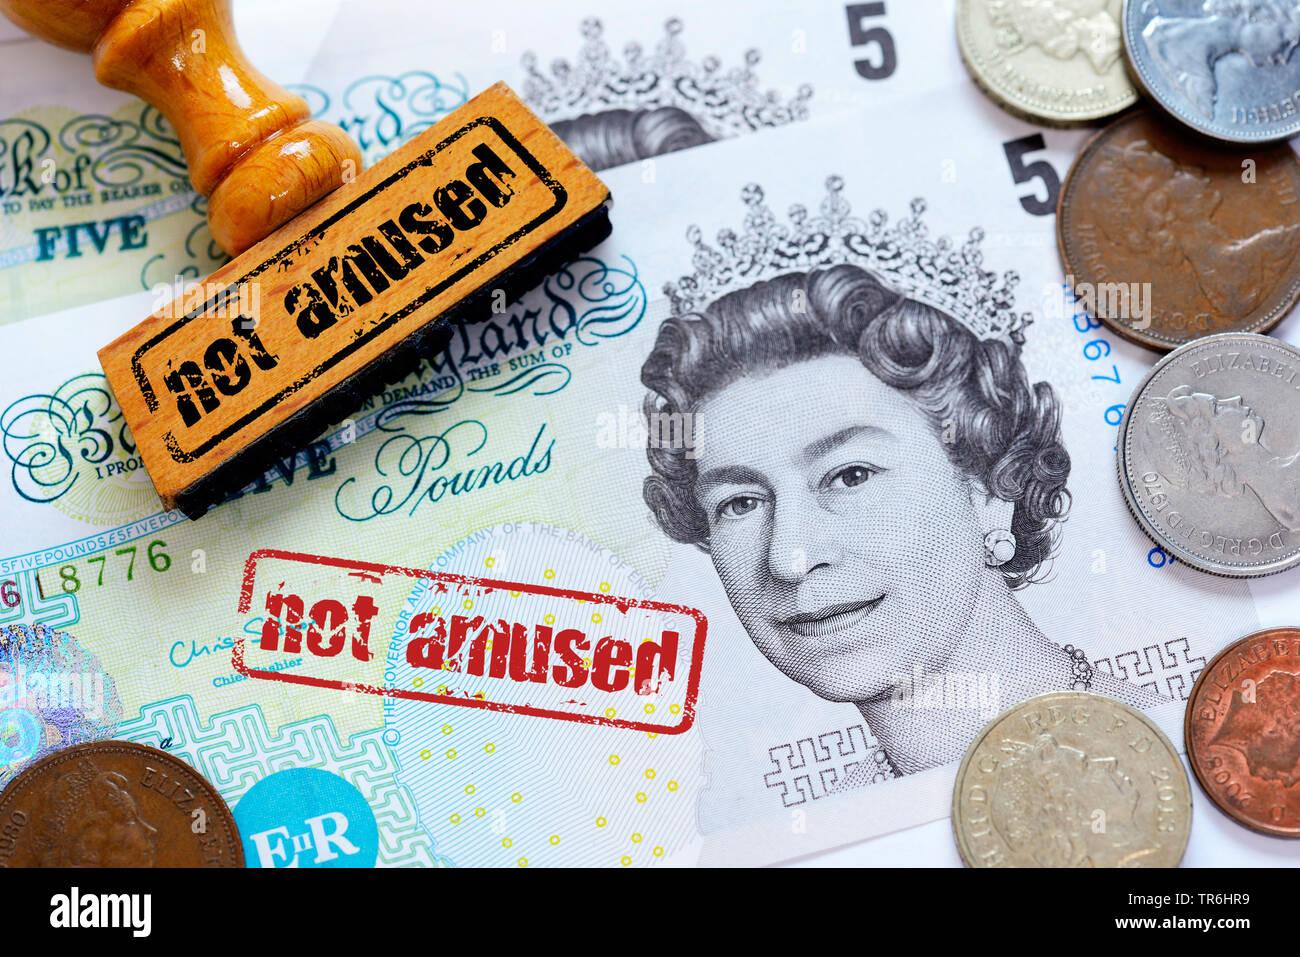 britische Pfundnoten mit britischer Koenigin mit Stempel und Aufschrift 'not amused', Symbolfoto Brexit, Deutschland | pound bill with british queen a - Stock Image